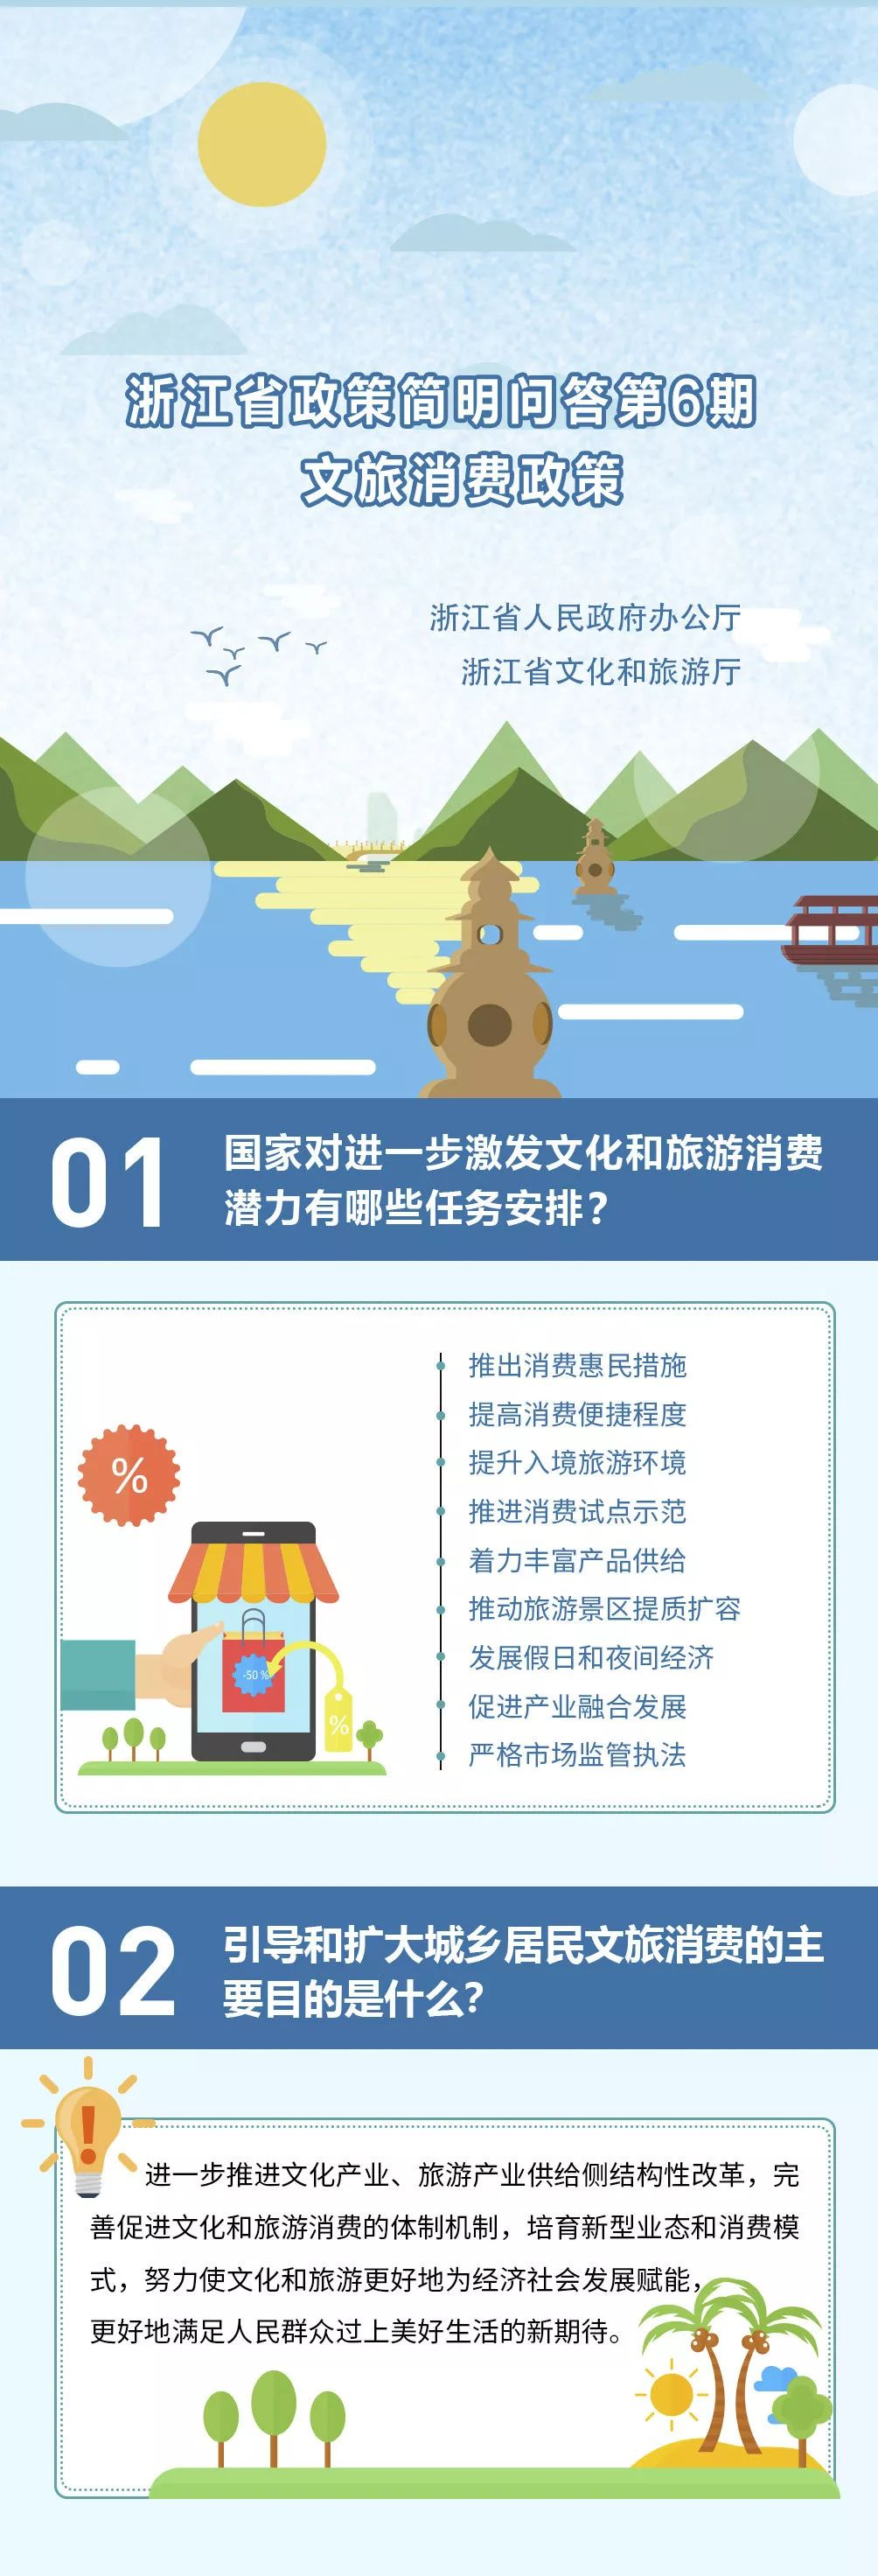 在浙江旅游,这些信息你一定要知道!图片